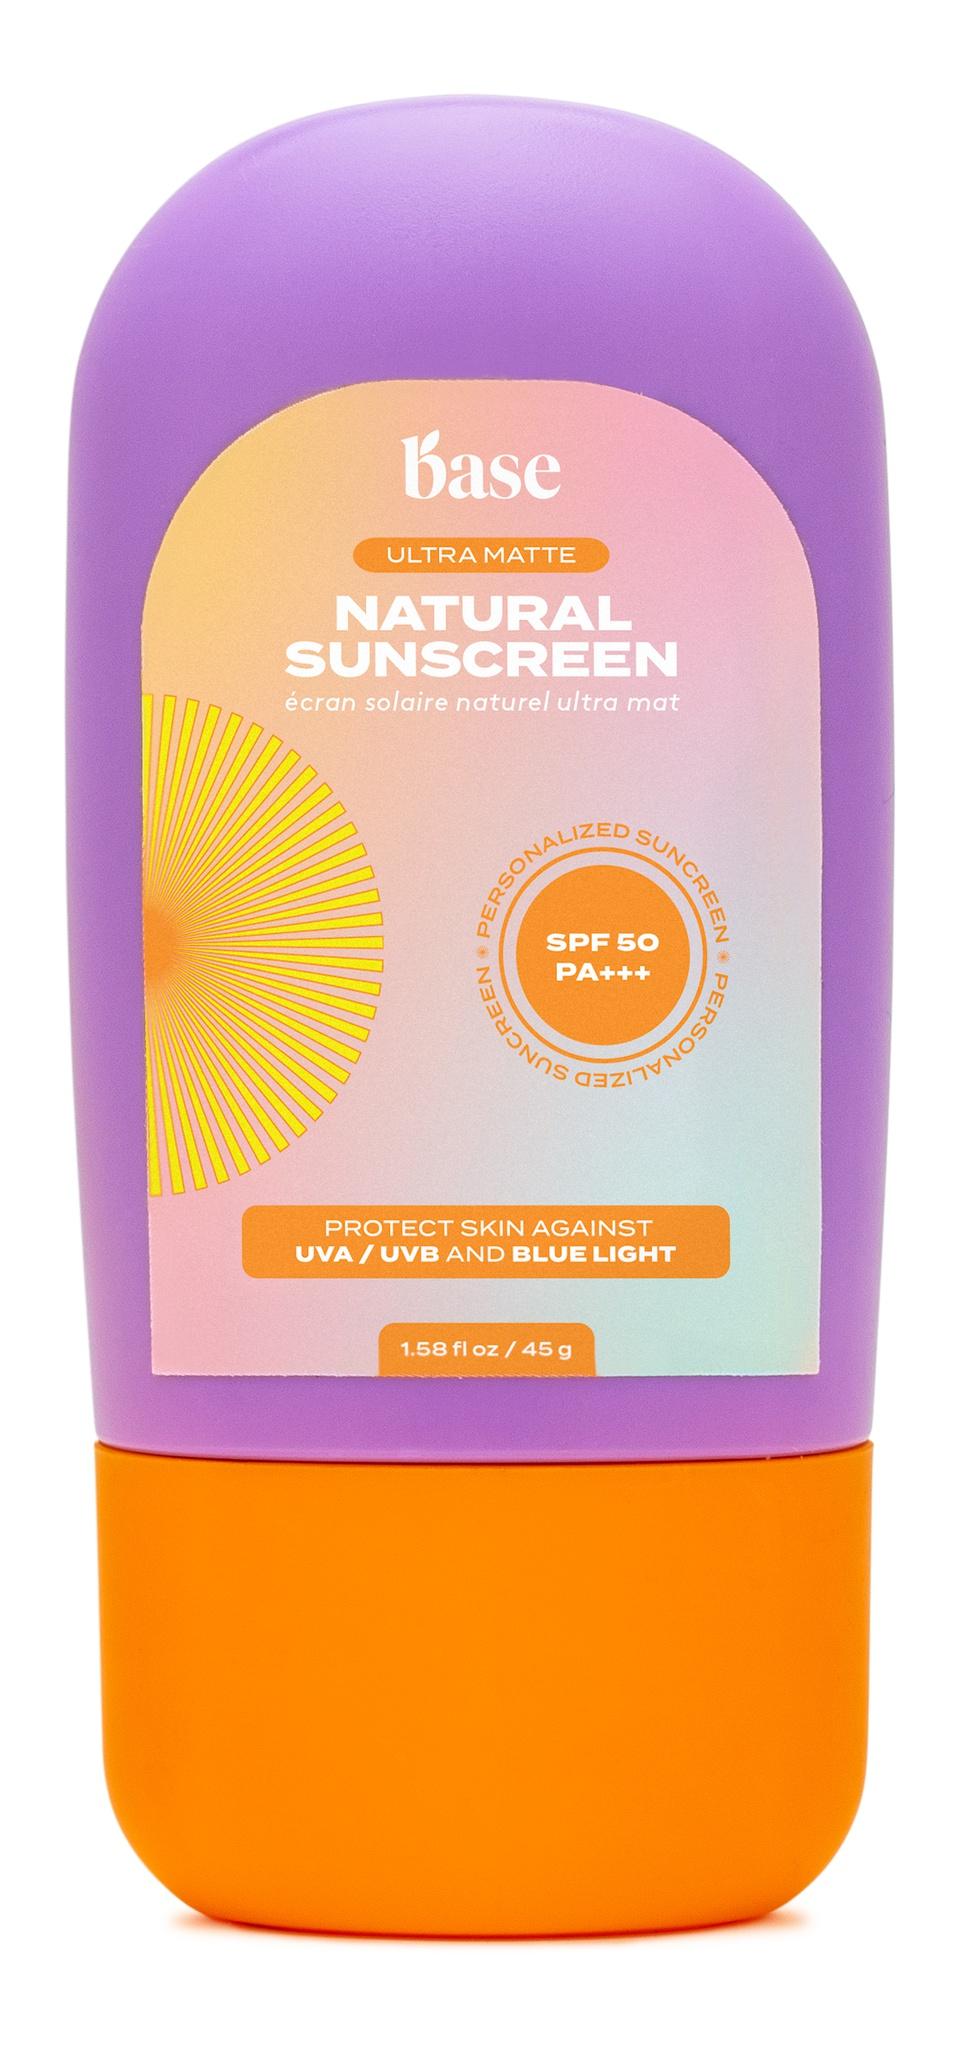 Base Ultra Matte Natural Sunscreen SPF 50 Pa+++